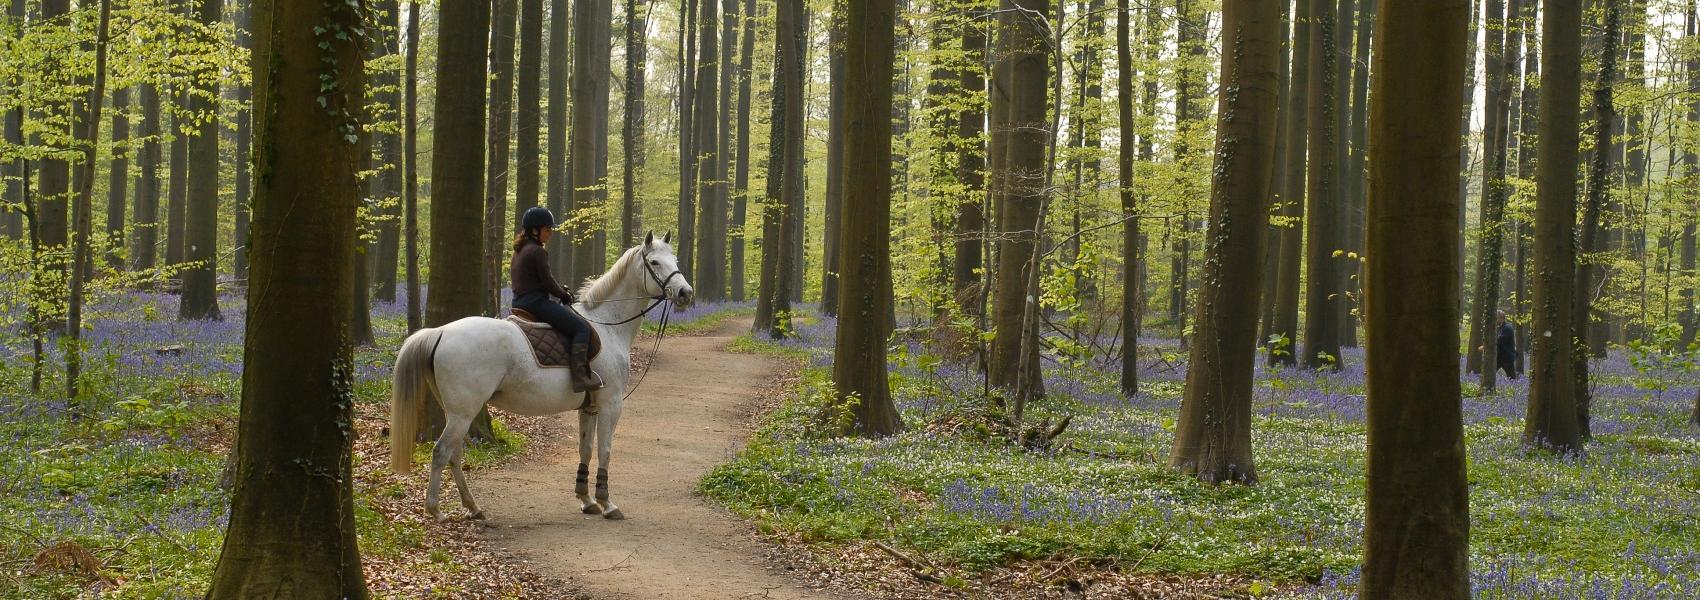 ruiter in het bos